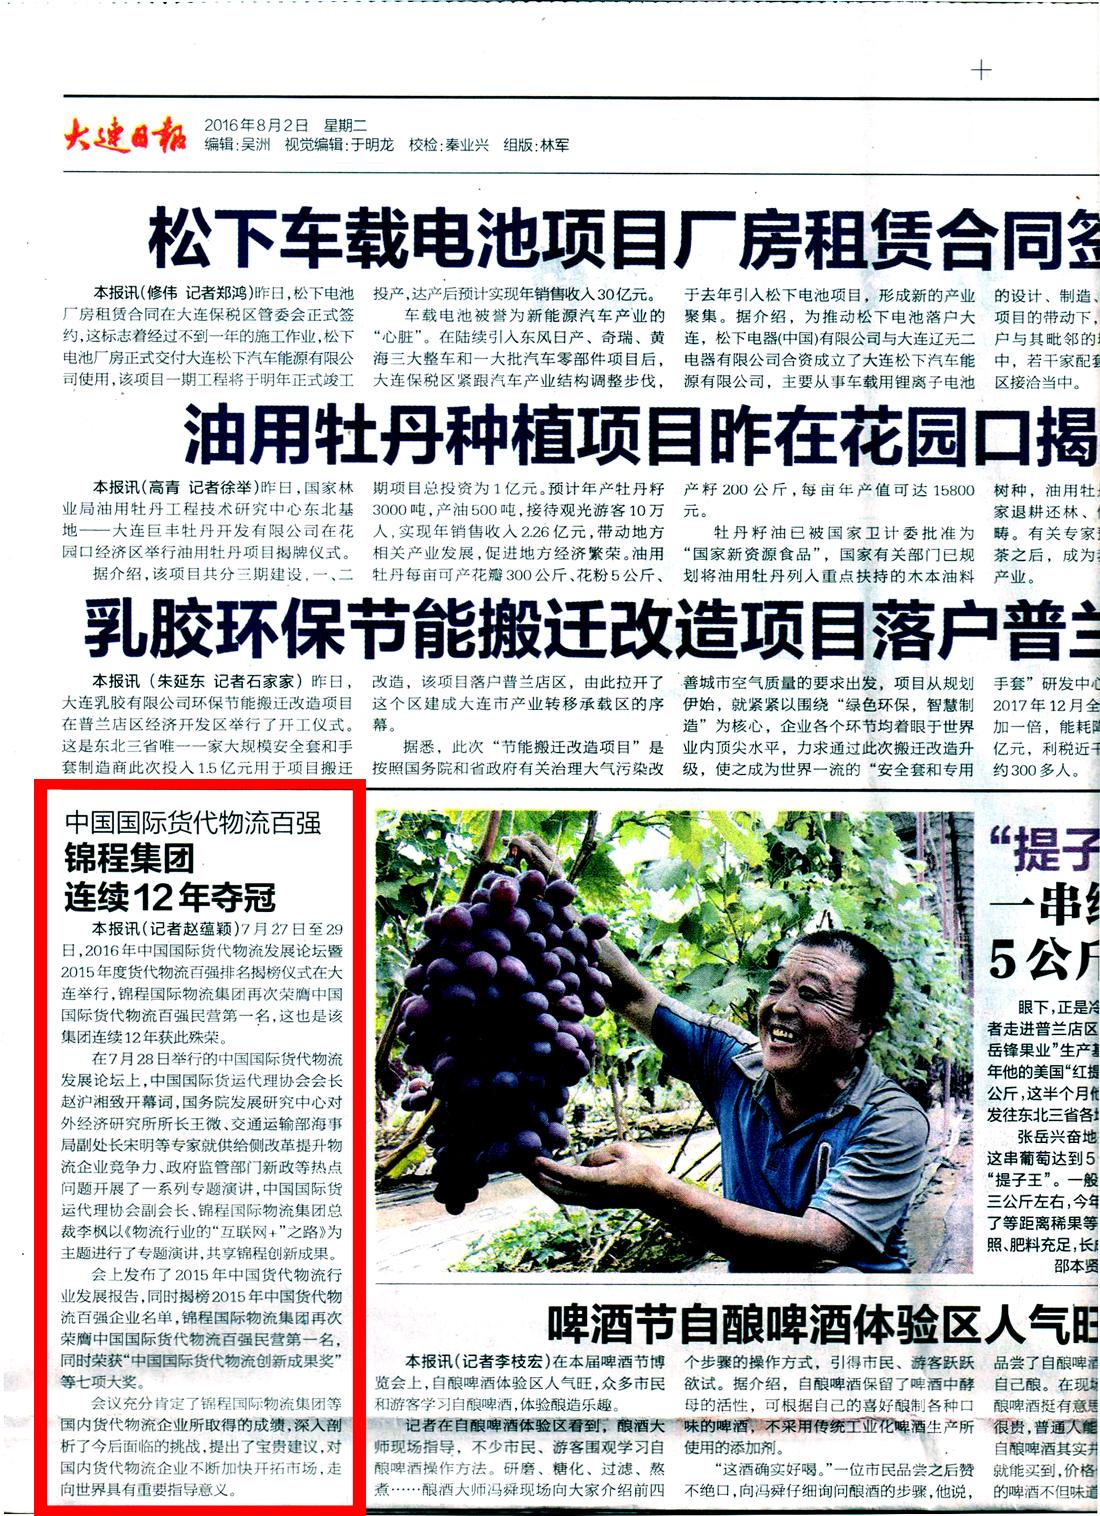 锦程连续十二年荣膺中国国际货代物流百强民营第一